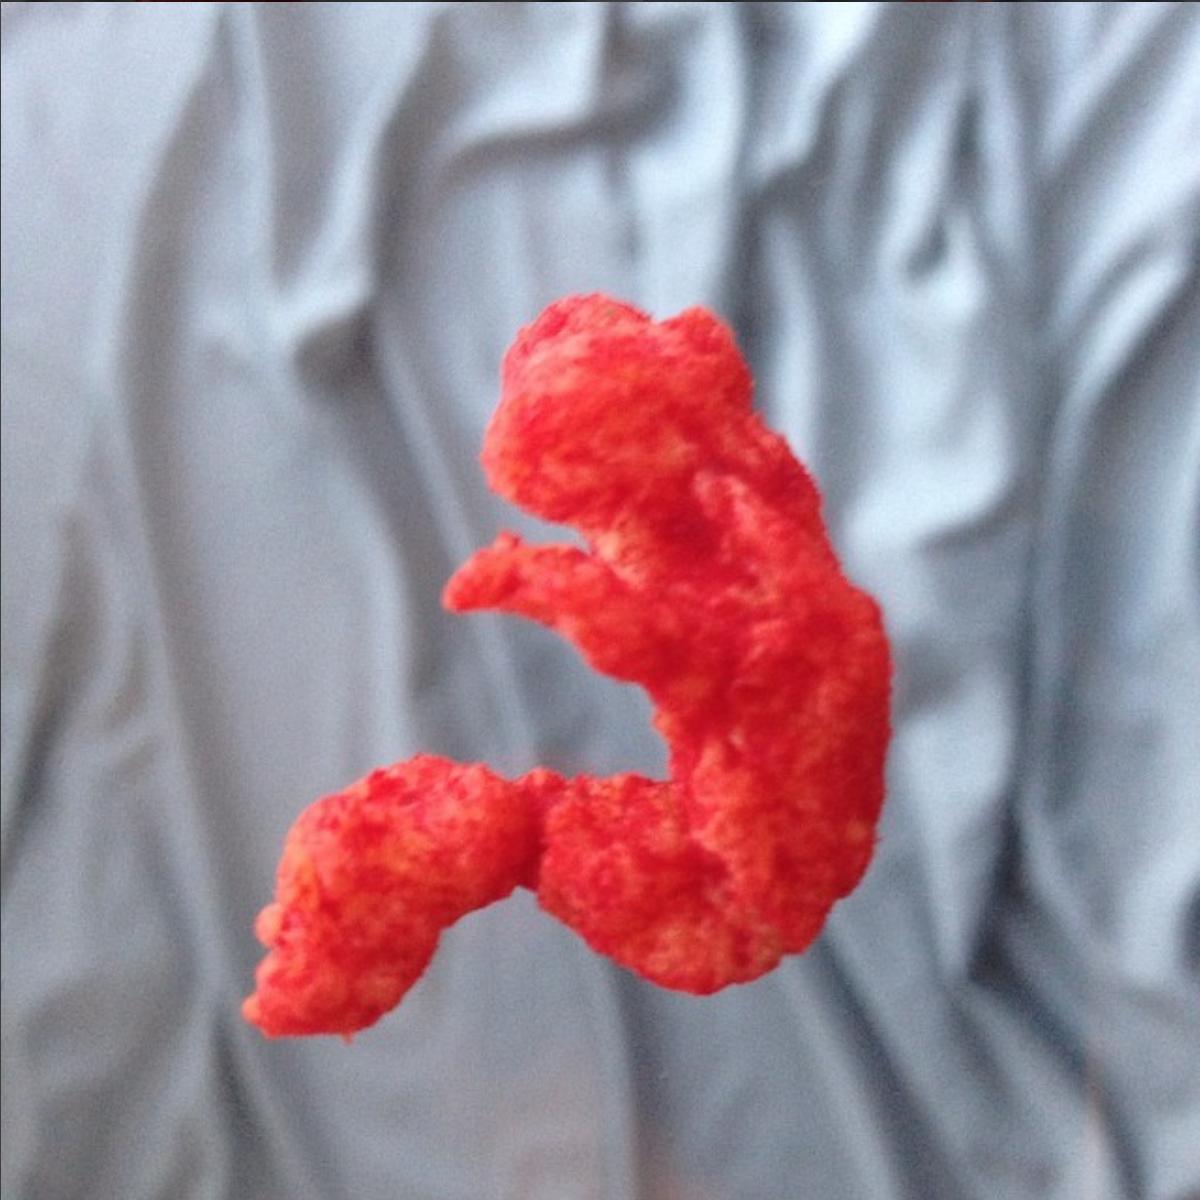 CheeseCurlsOfInstagram, quand les chips rappellent des objets réalistes